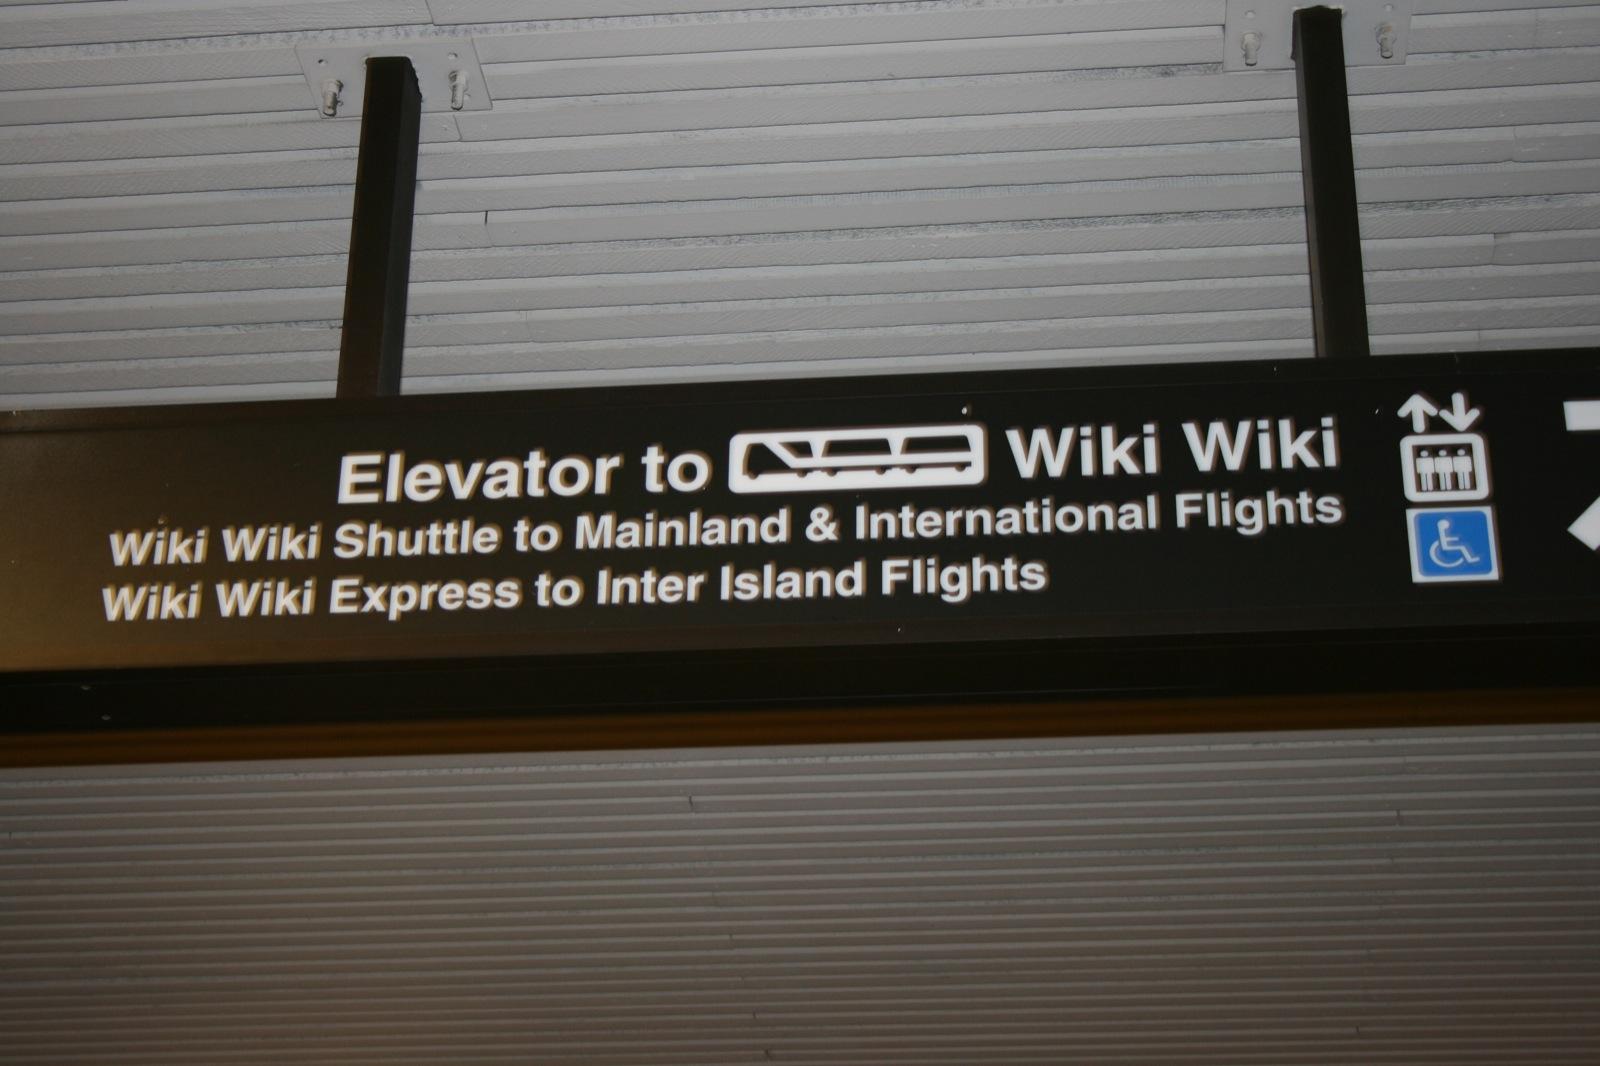 HR wiki